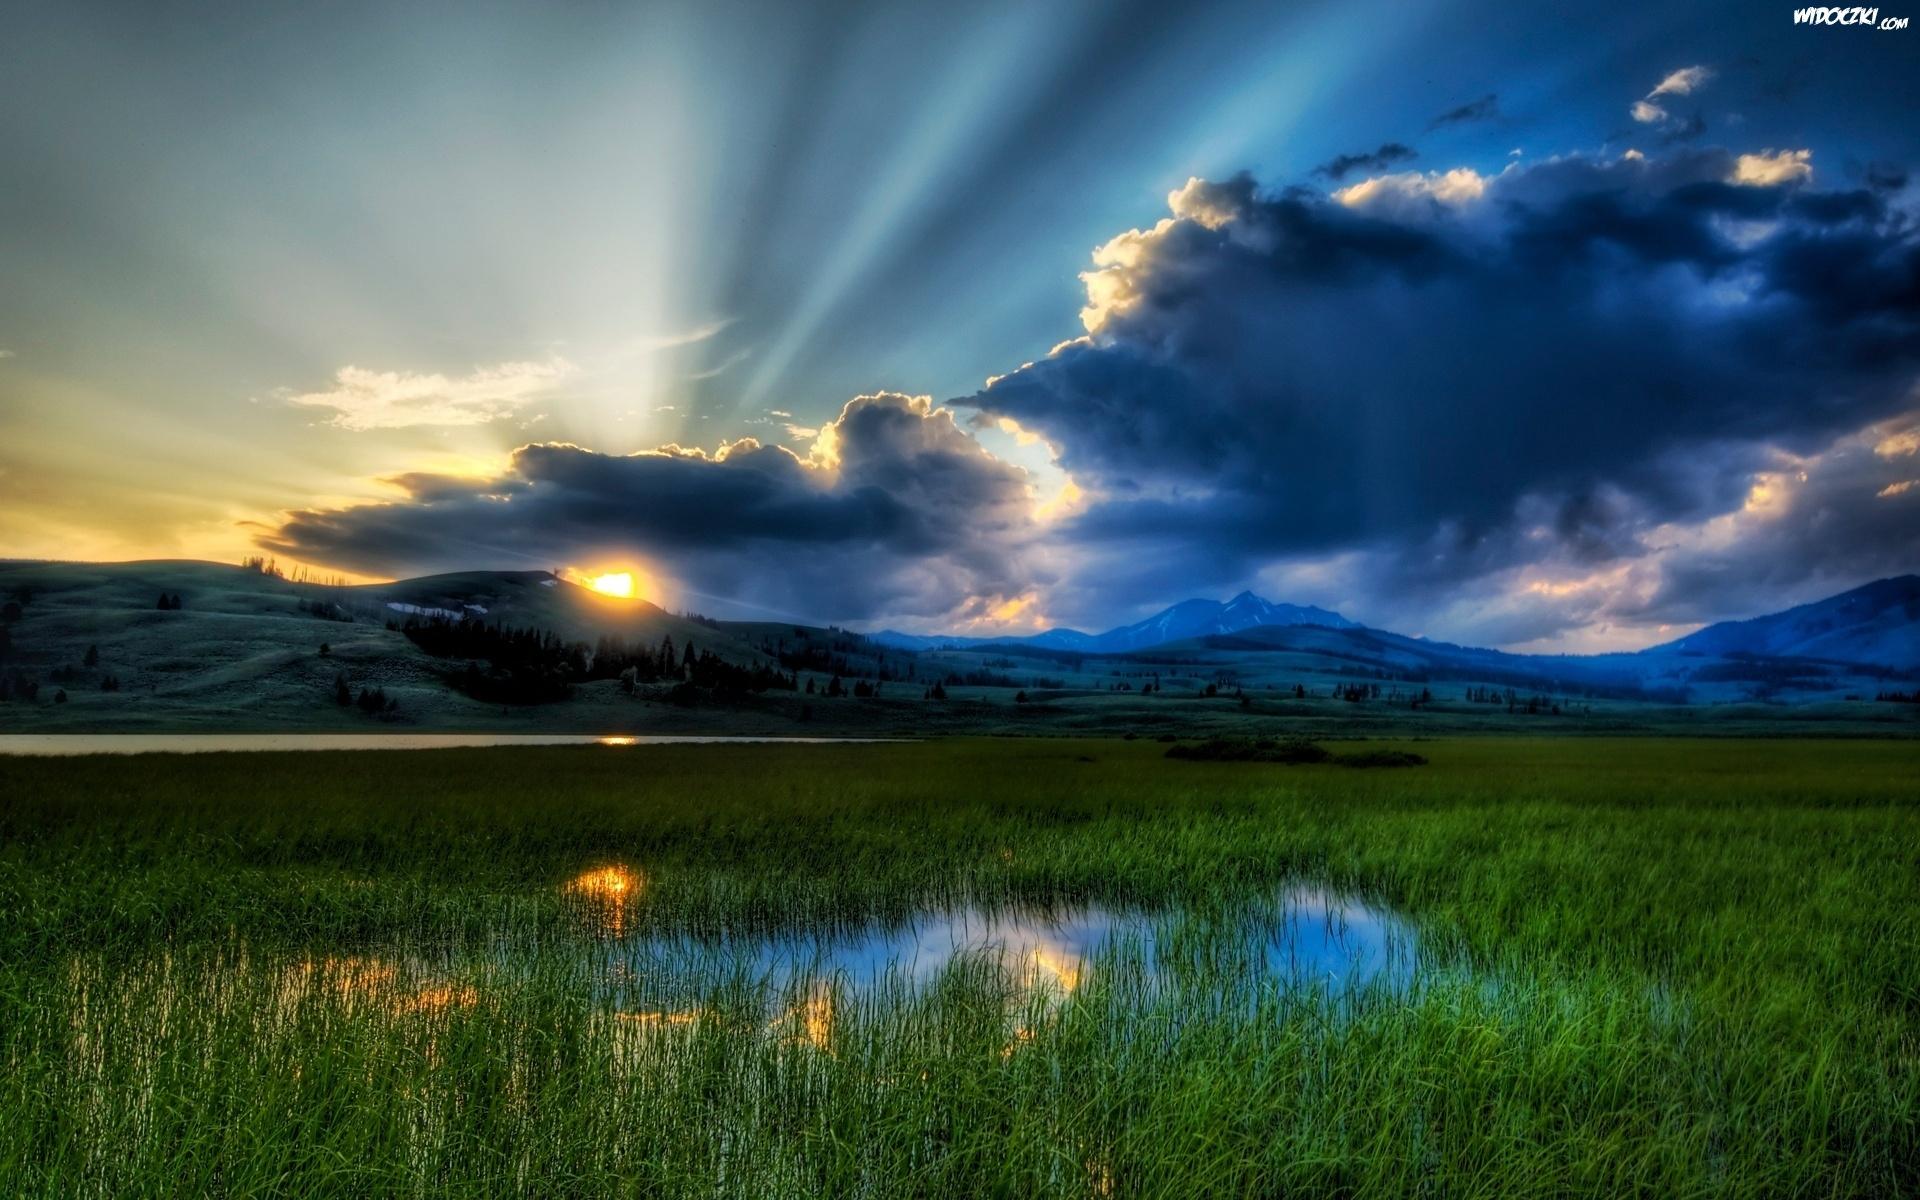 Bagno Chmury Promienie